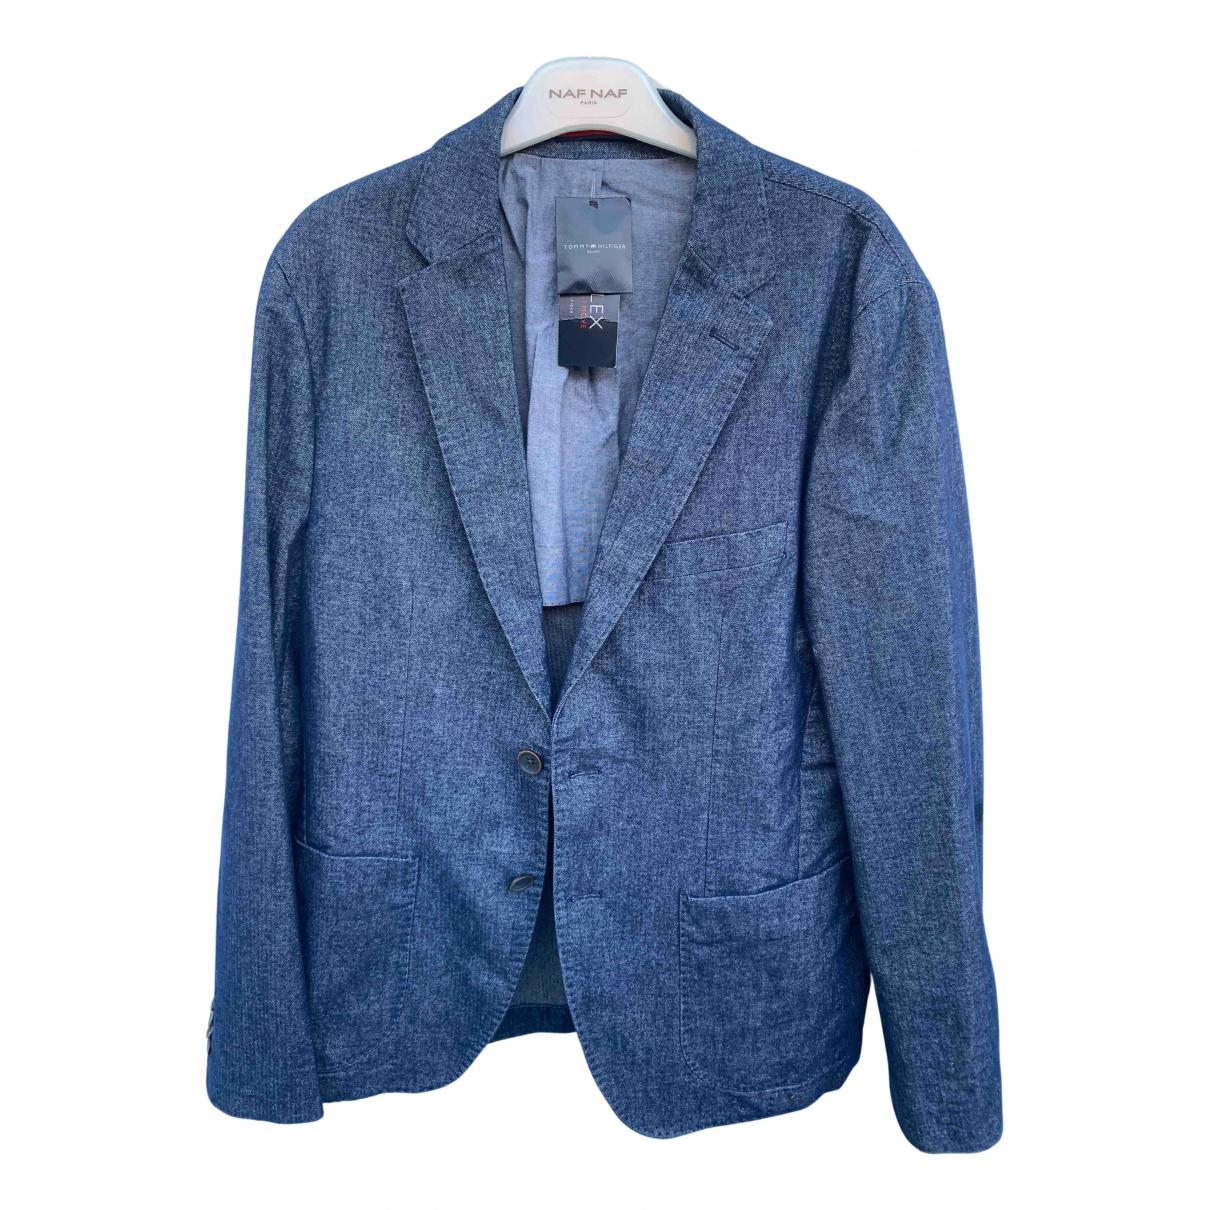 Tommy Hilfiger - Vestes.Blousons   pour homme en coton - bleu